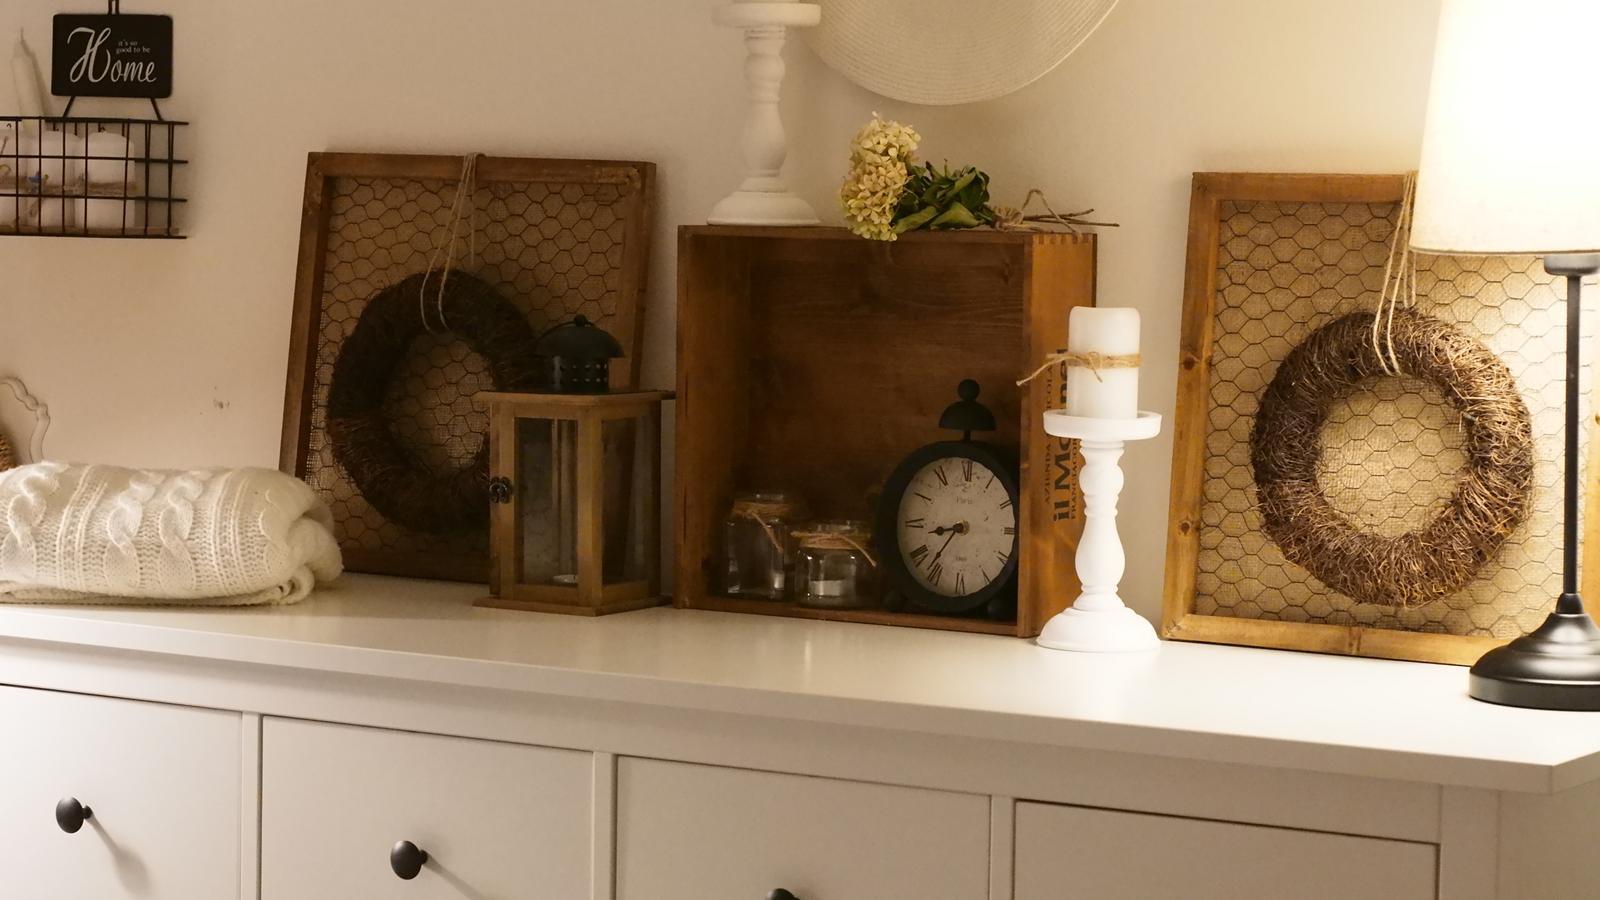 Spálňa - zmena - Okienka dávam inde, dekorácie pôjdu na stenu. Obrázky som vyrábala.